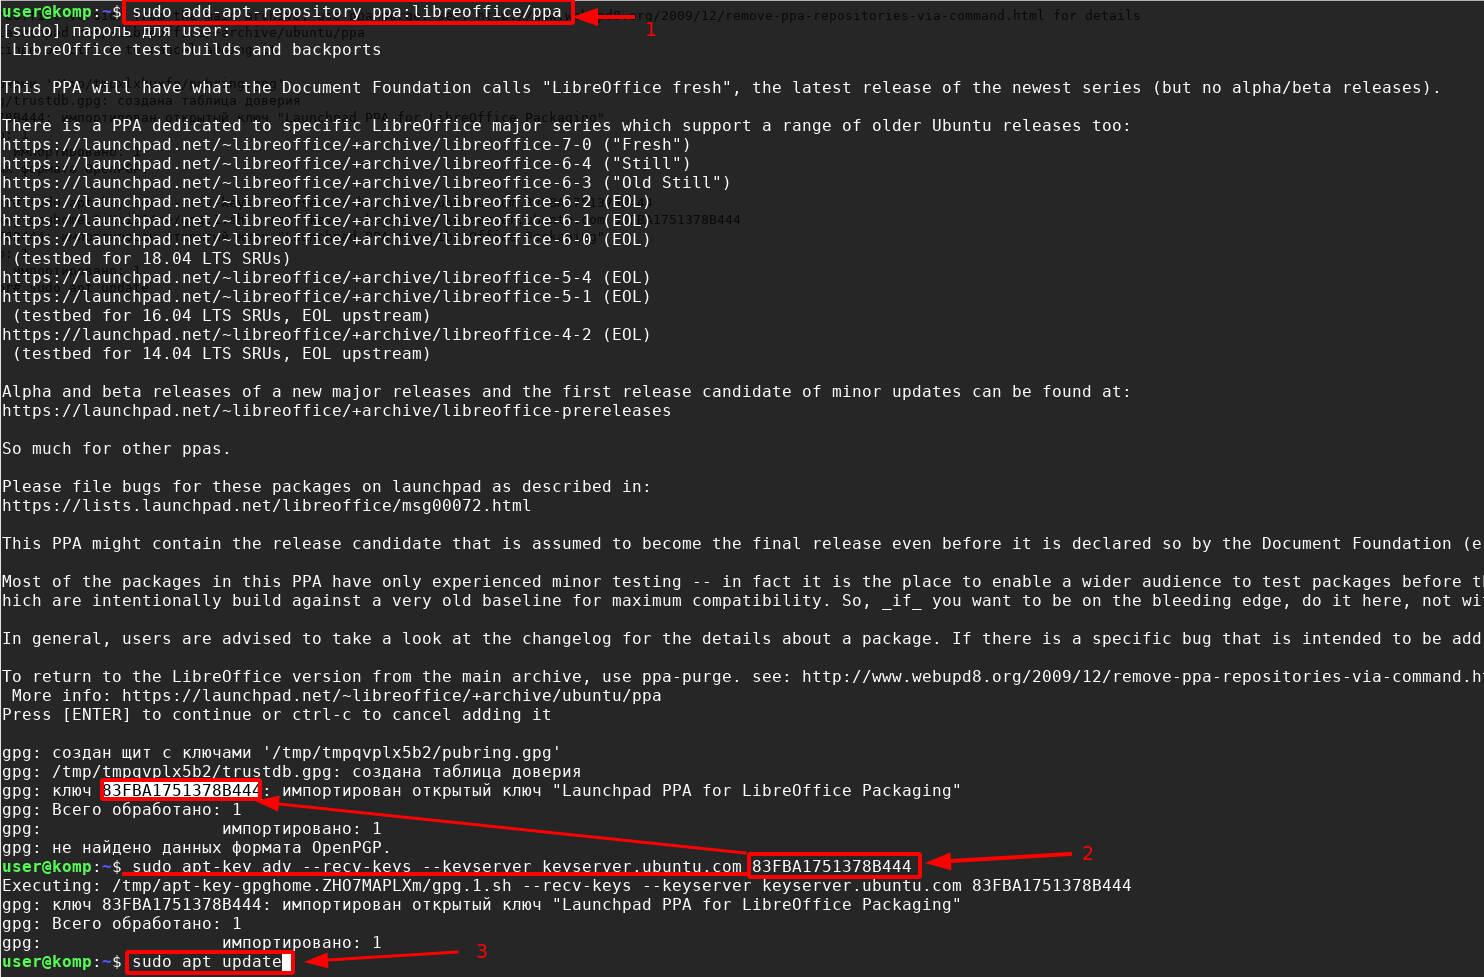 LibreOffice вносим репозиторий для автоматического обновления